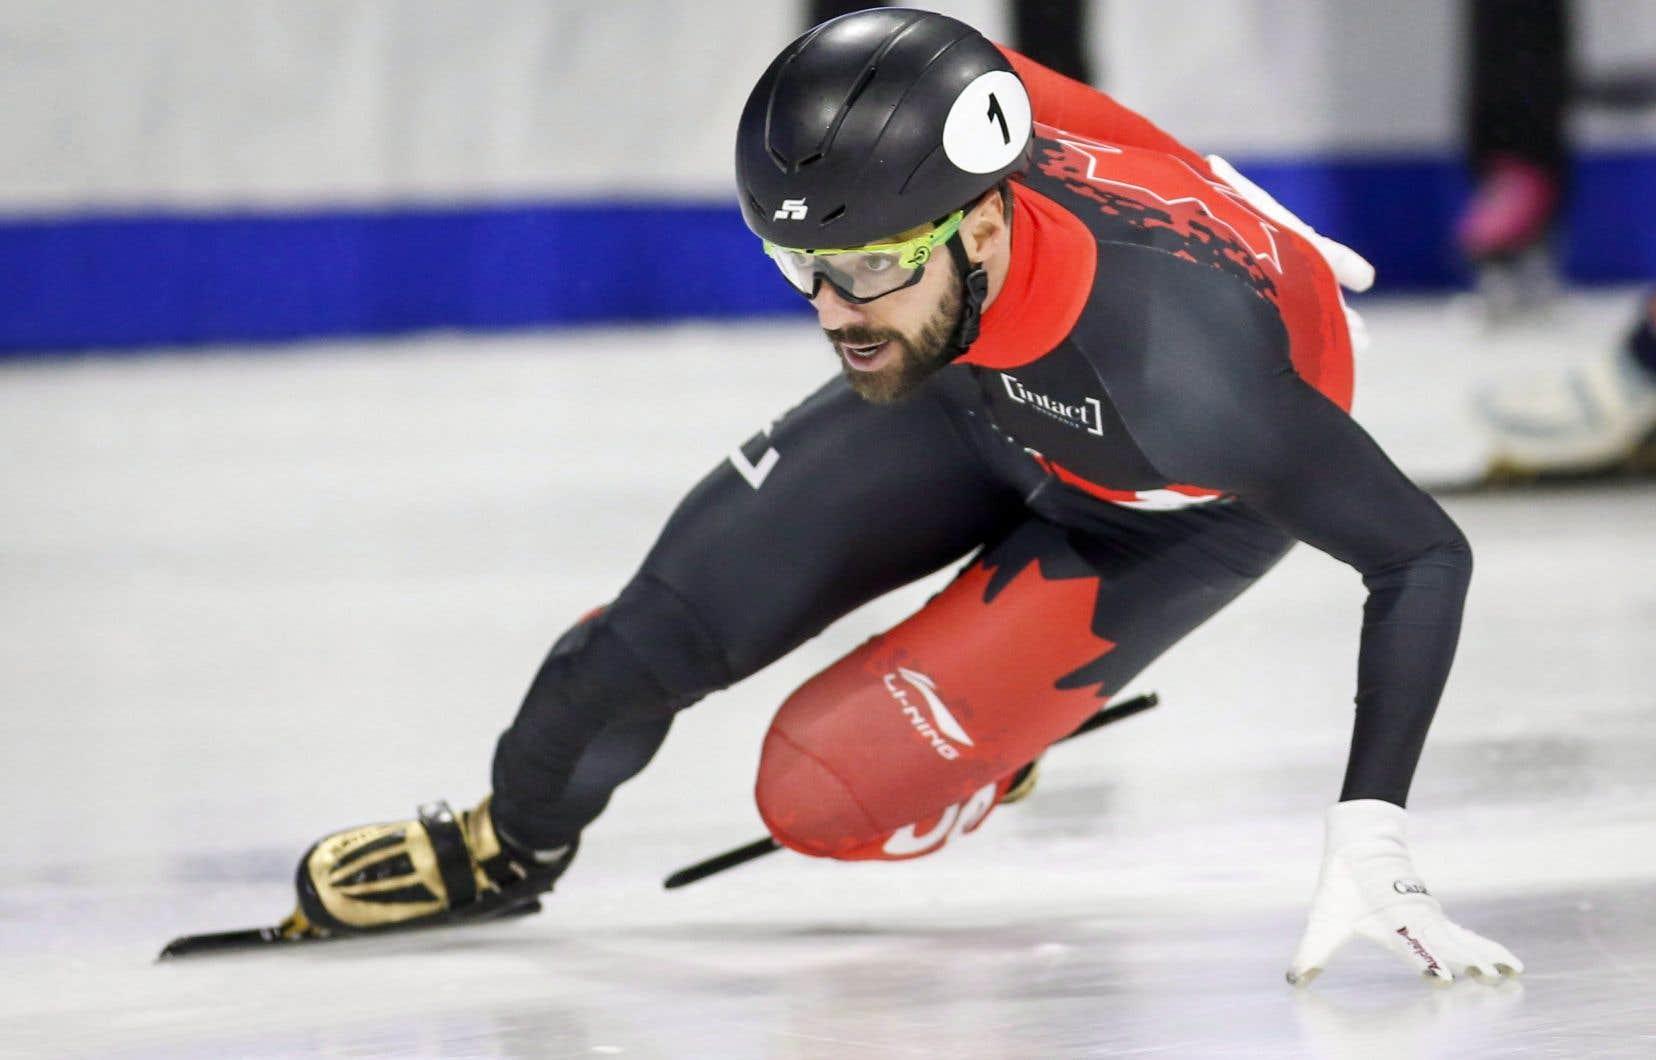 Hamelin, champion du monde 2018, est monté sur le podium du classement général sept fois aux Mondiaux et il y totalise 36 médailles en carrière.